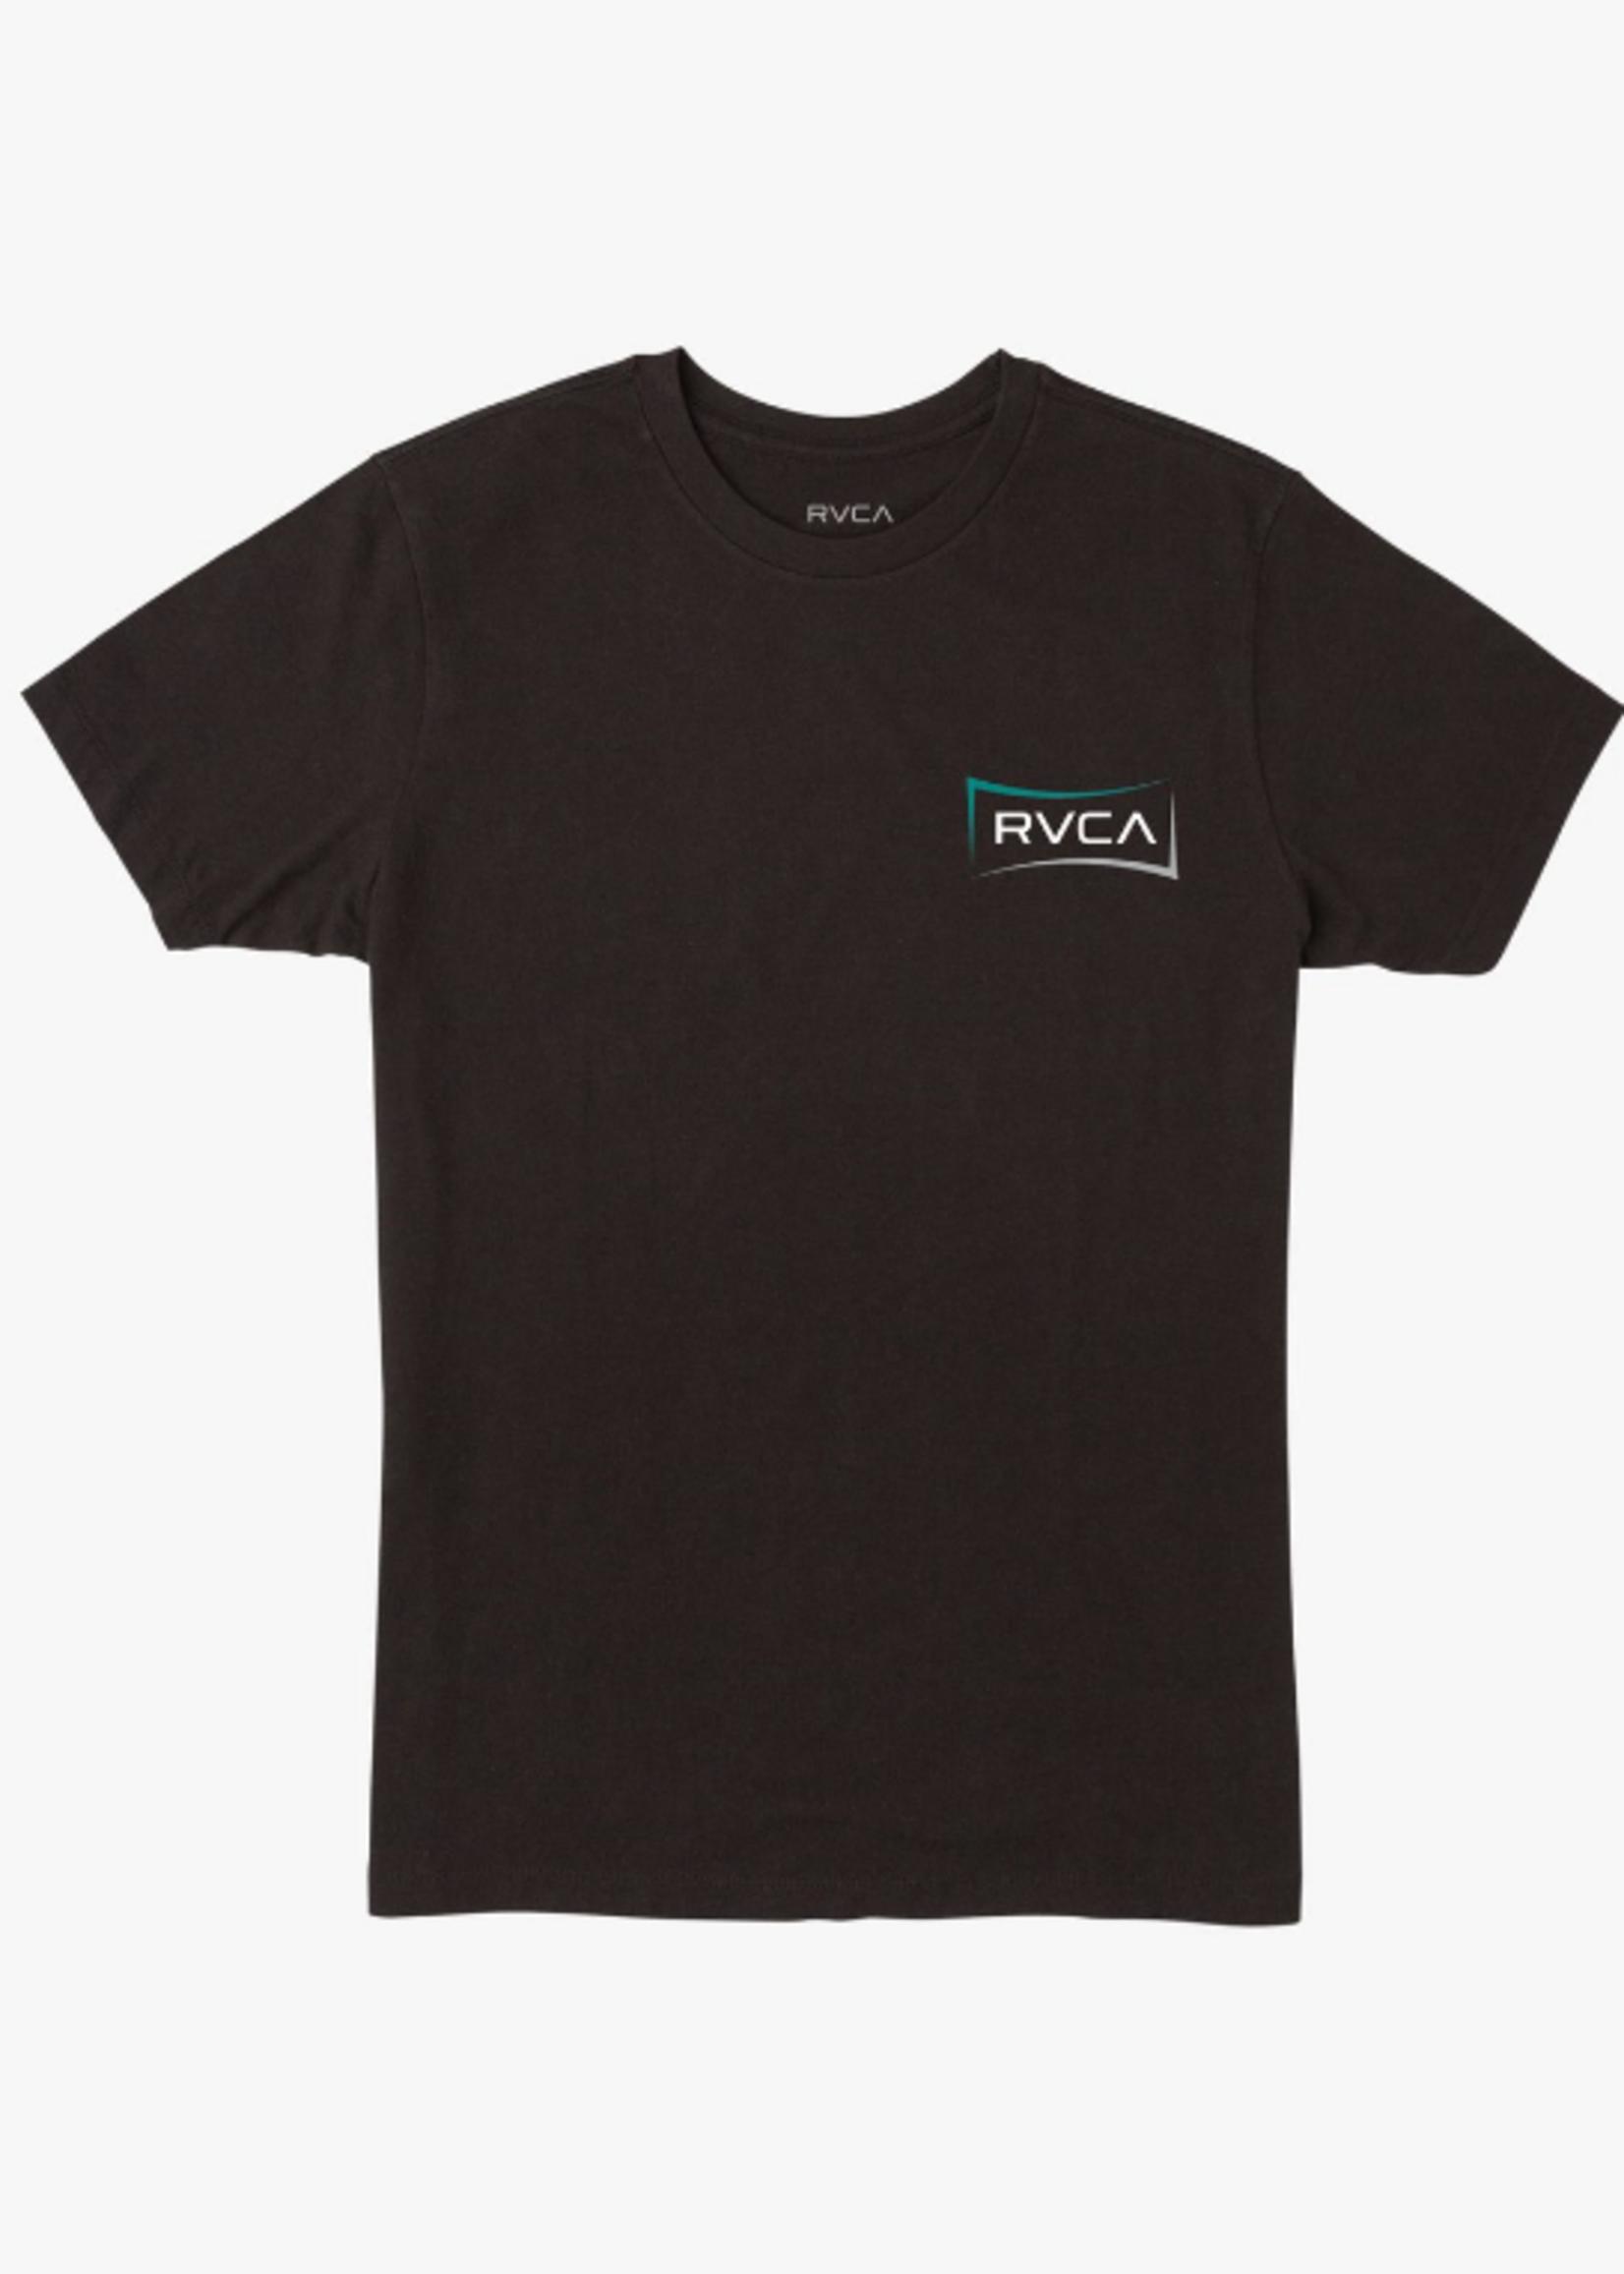 RVCA Return SS Tee - Black